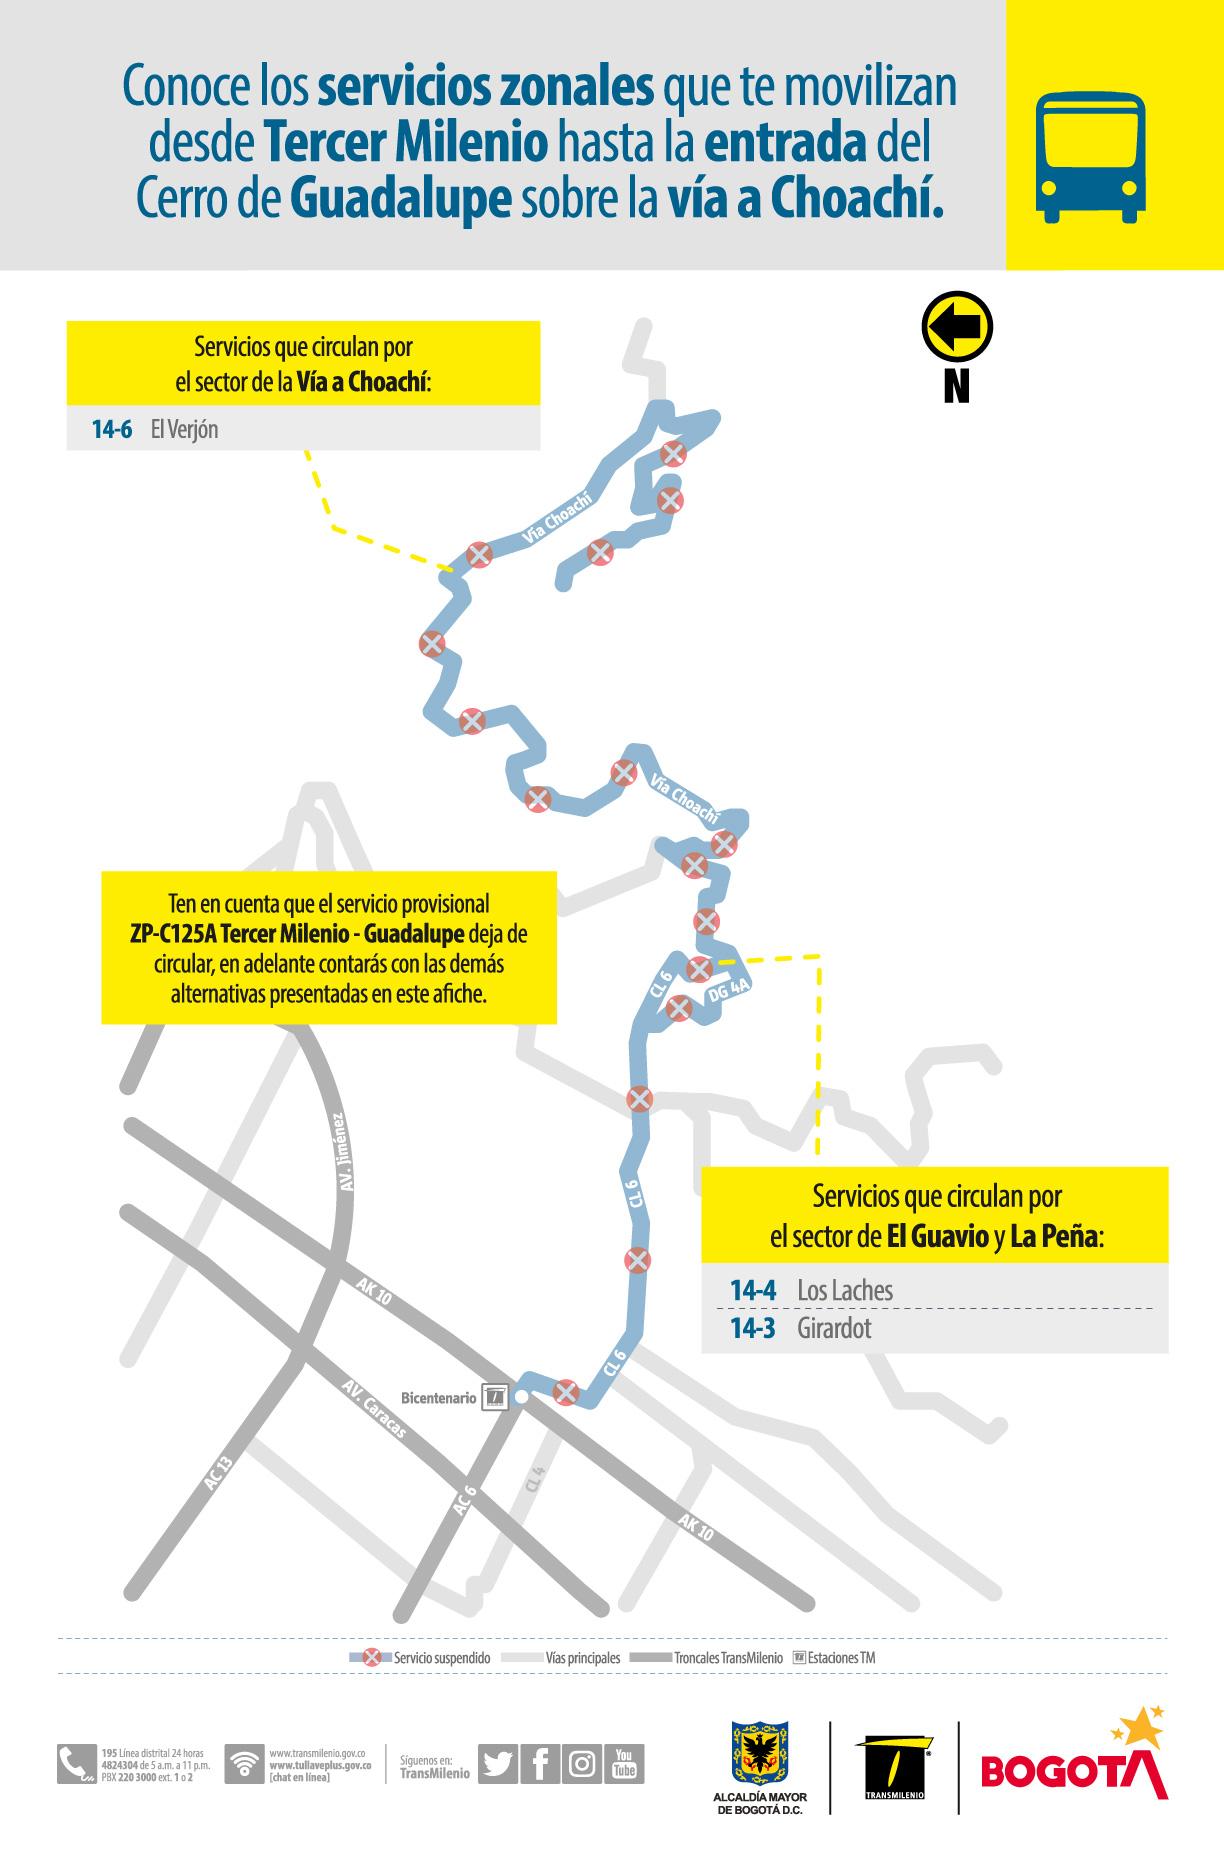 Con estas rutas puedes movilizarte entre el sector de Tercer Milenio y la entrada del cerro de Guadalupe vía Choachí